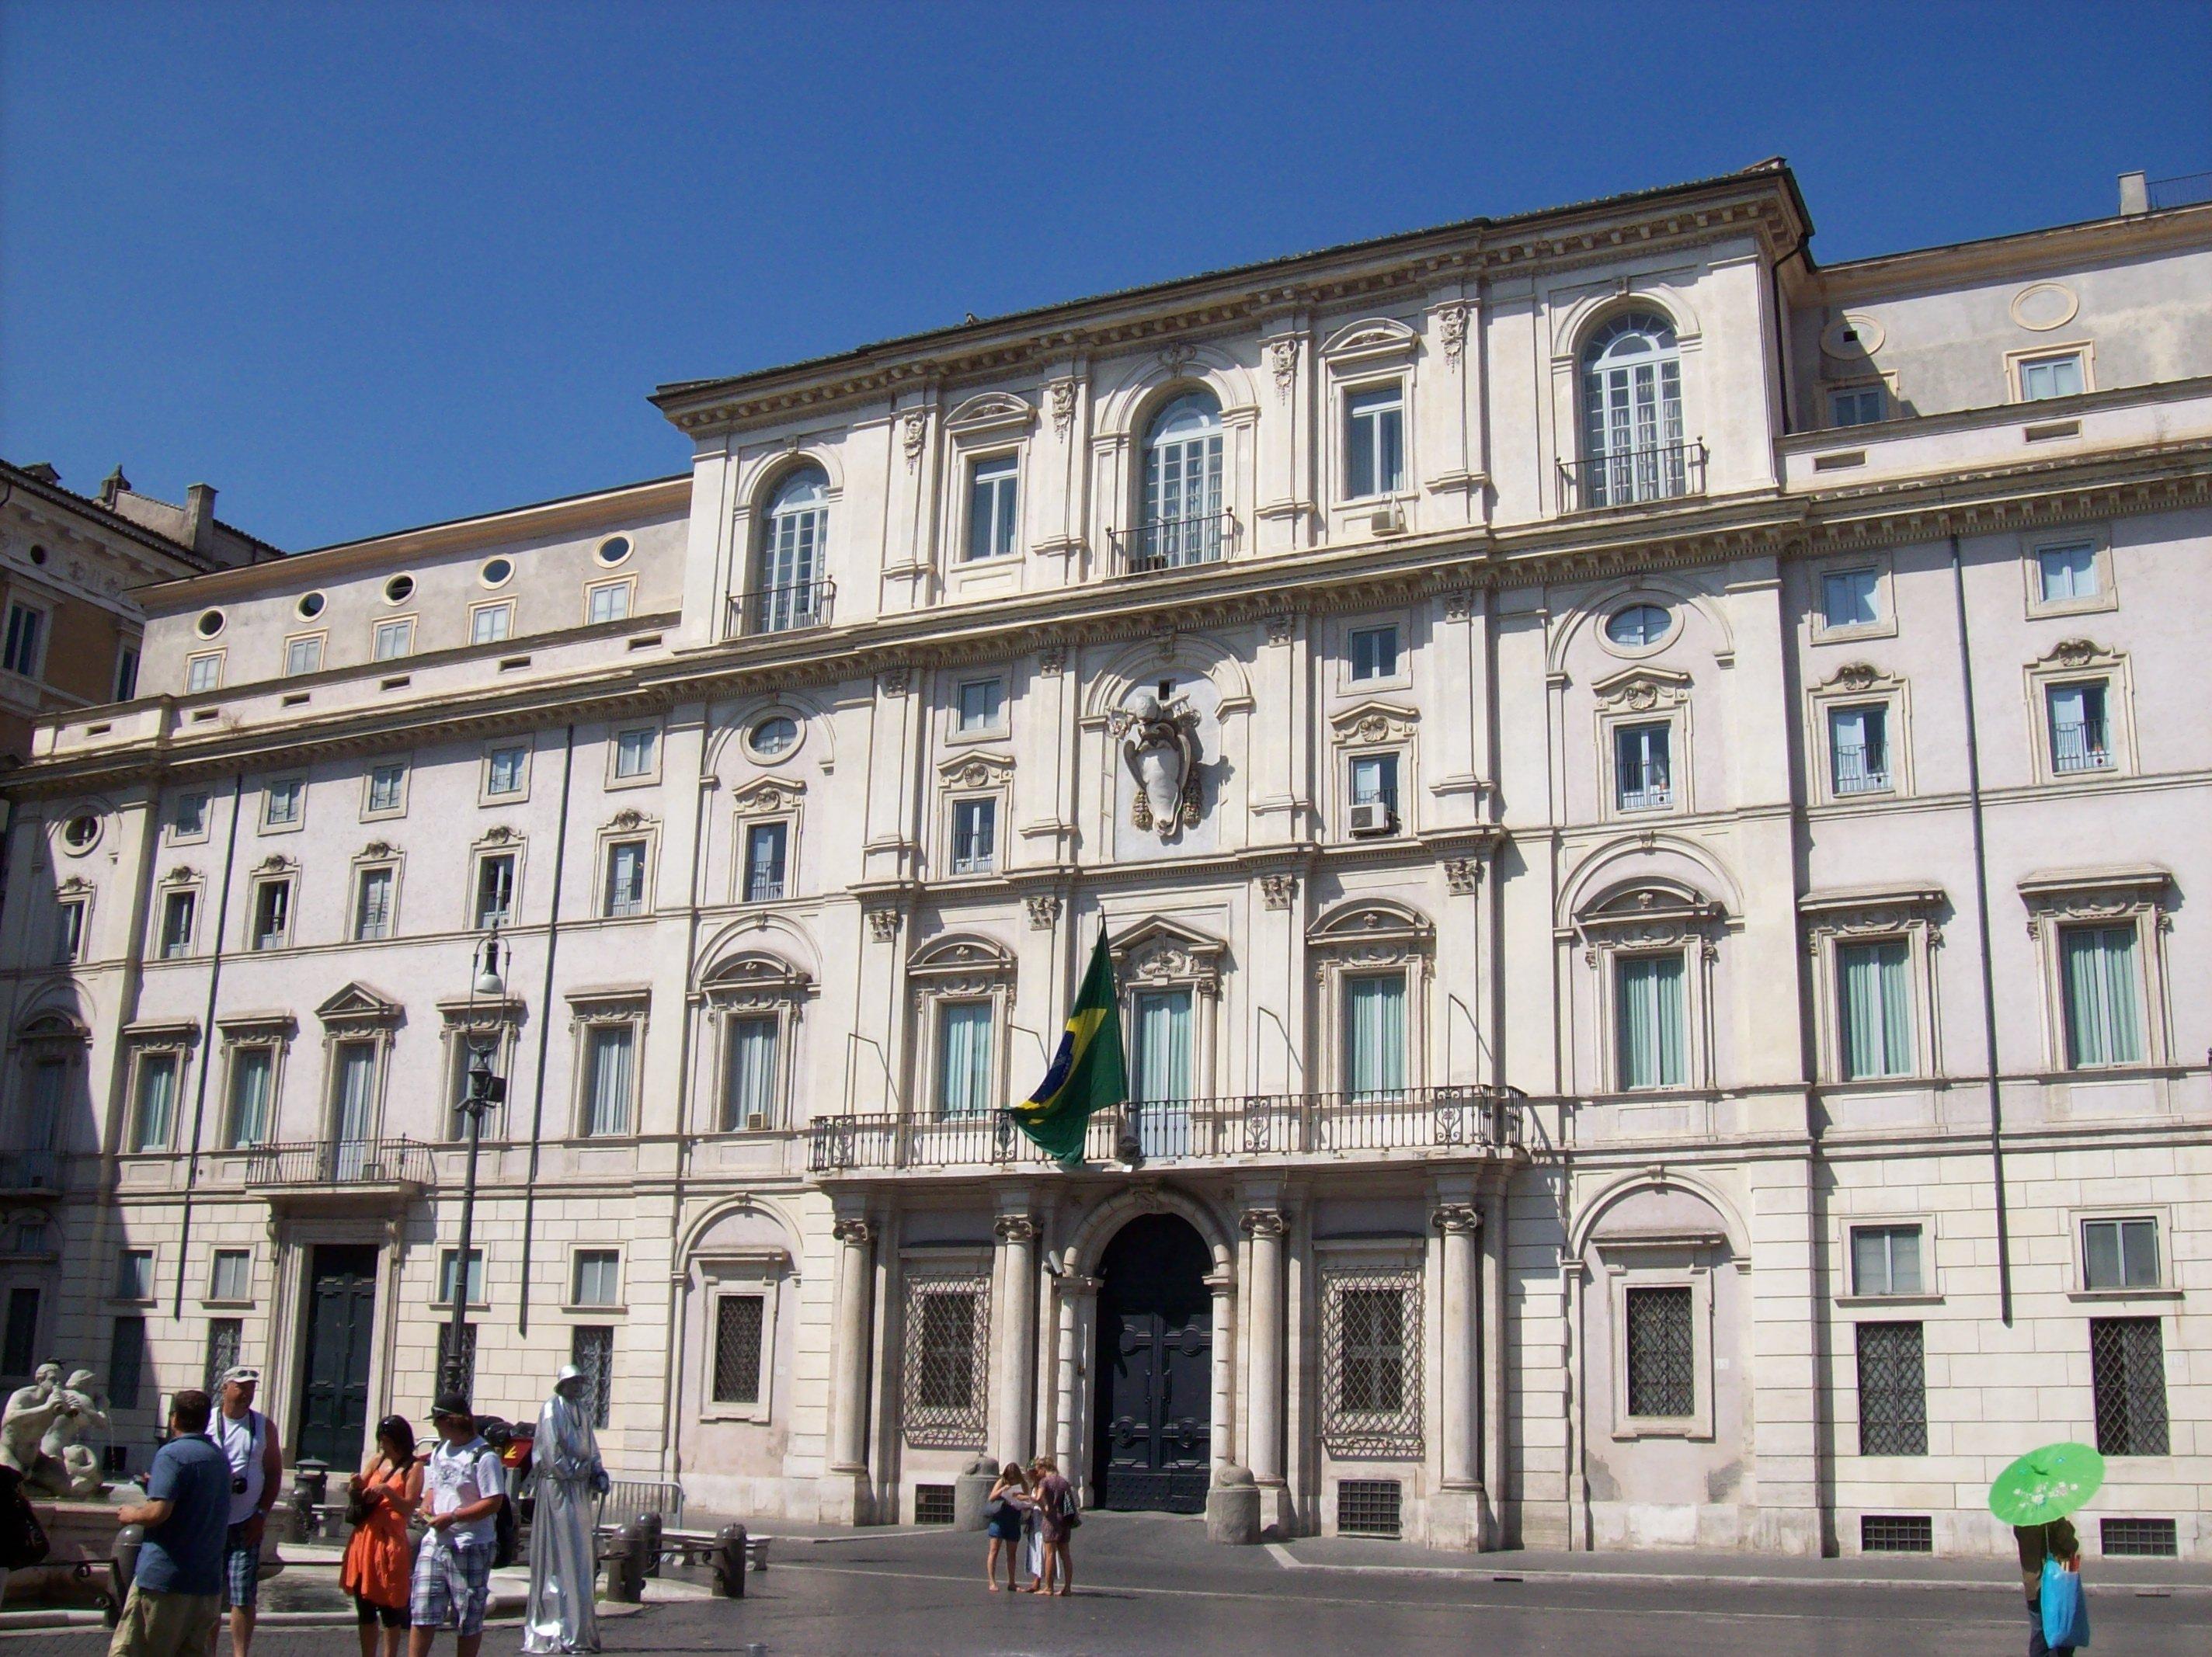 Ambasciata del brasile roma zero - Le finestre roma ...